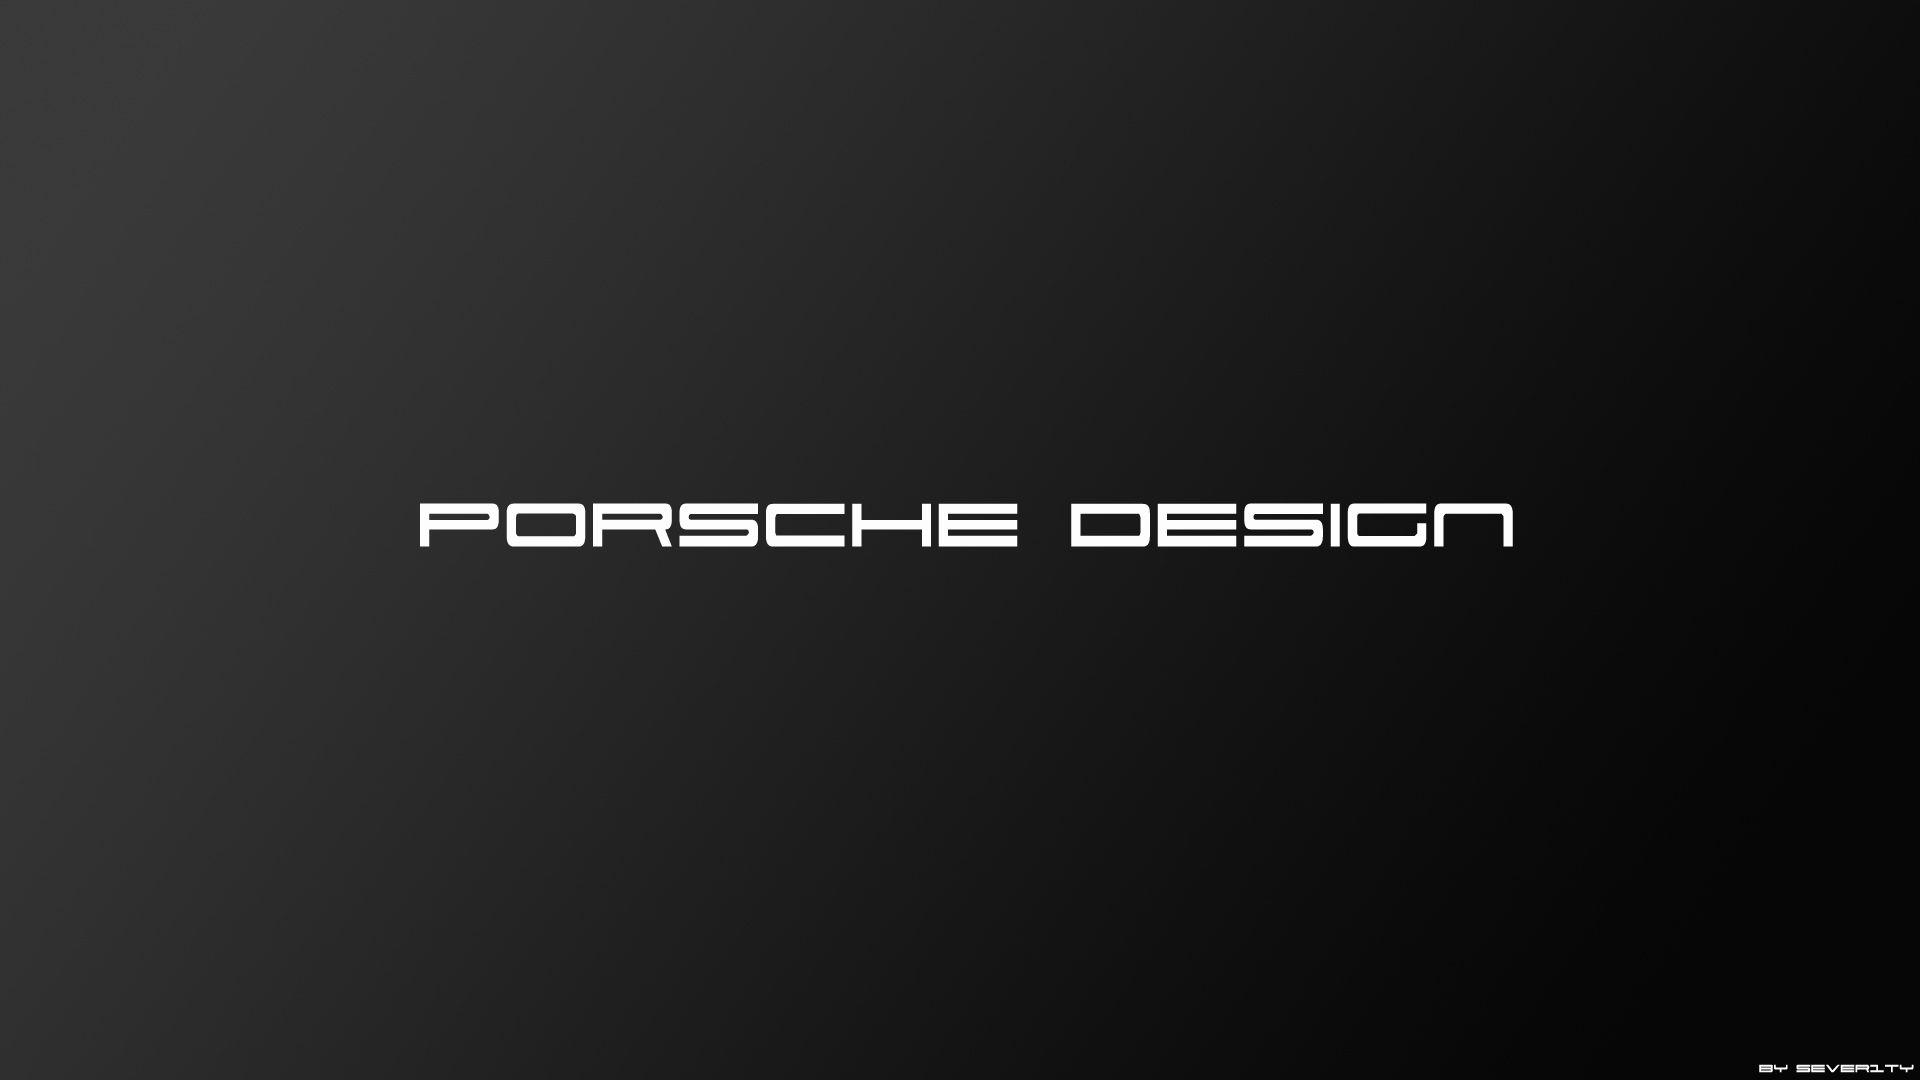 Pin von Raphael Corion auf Porsche Design | Pinterest